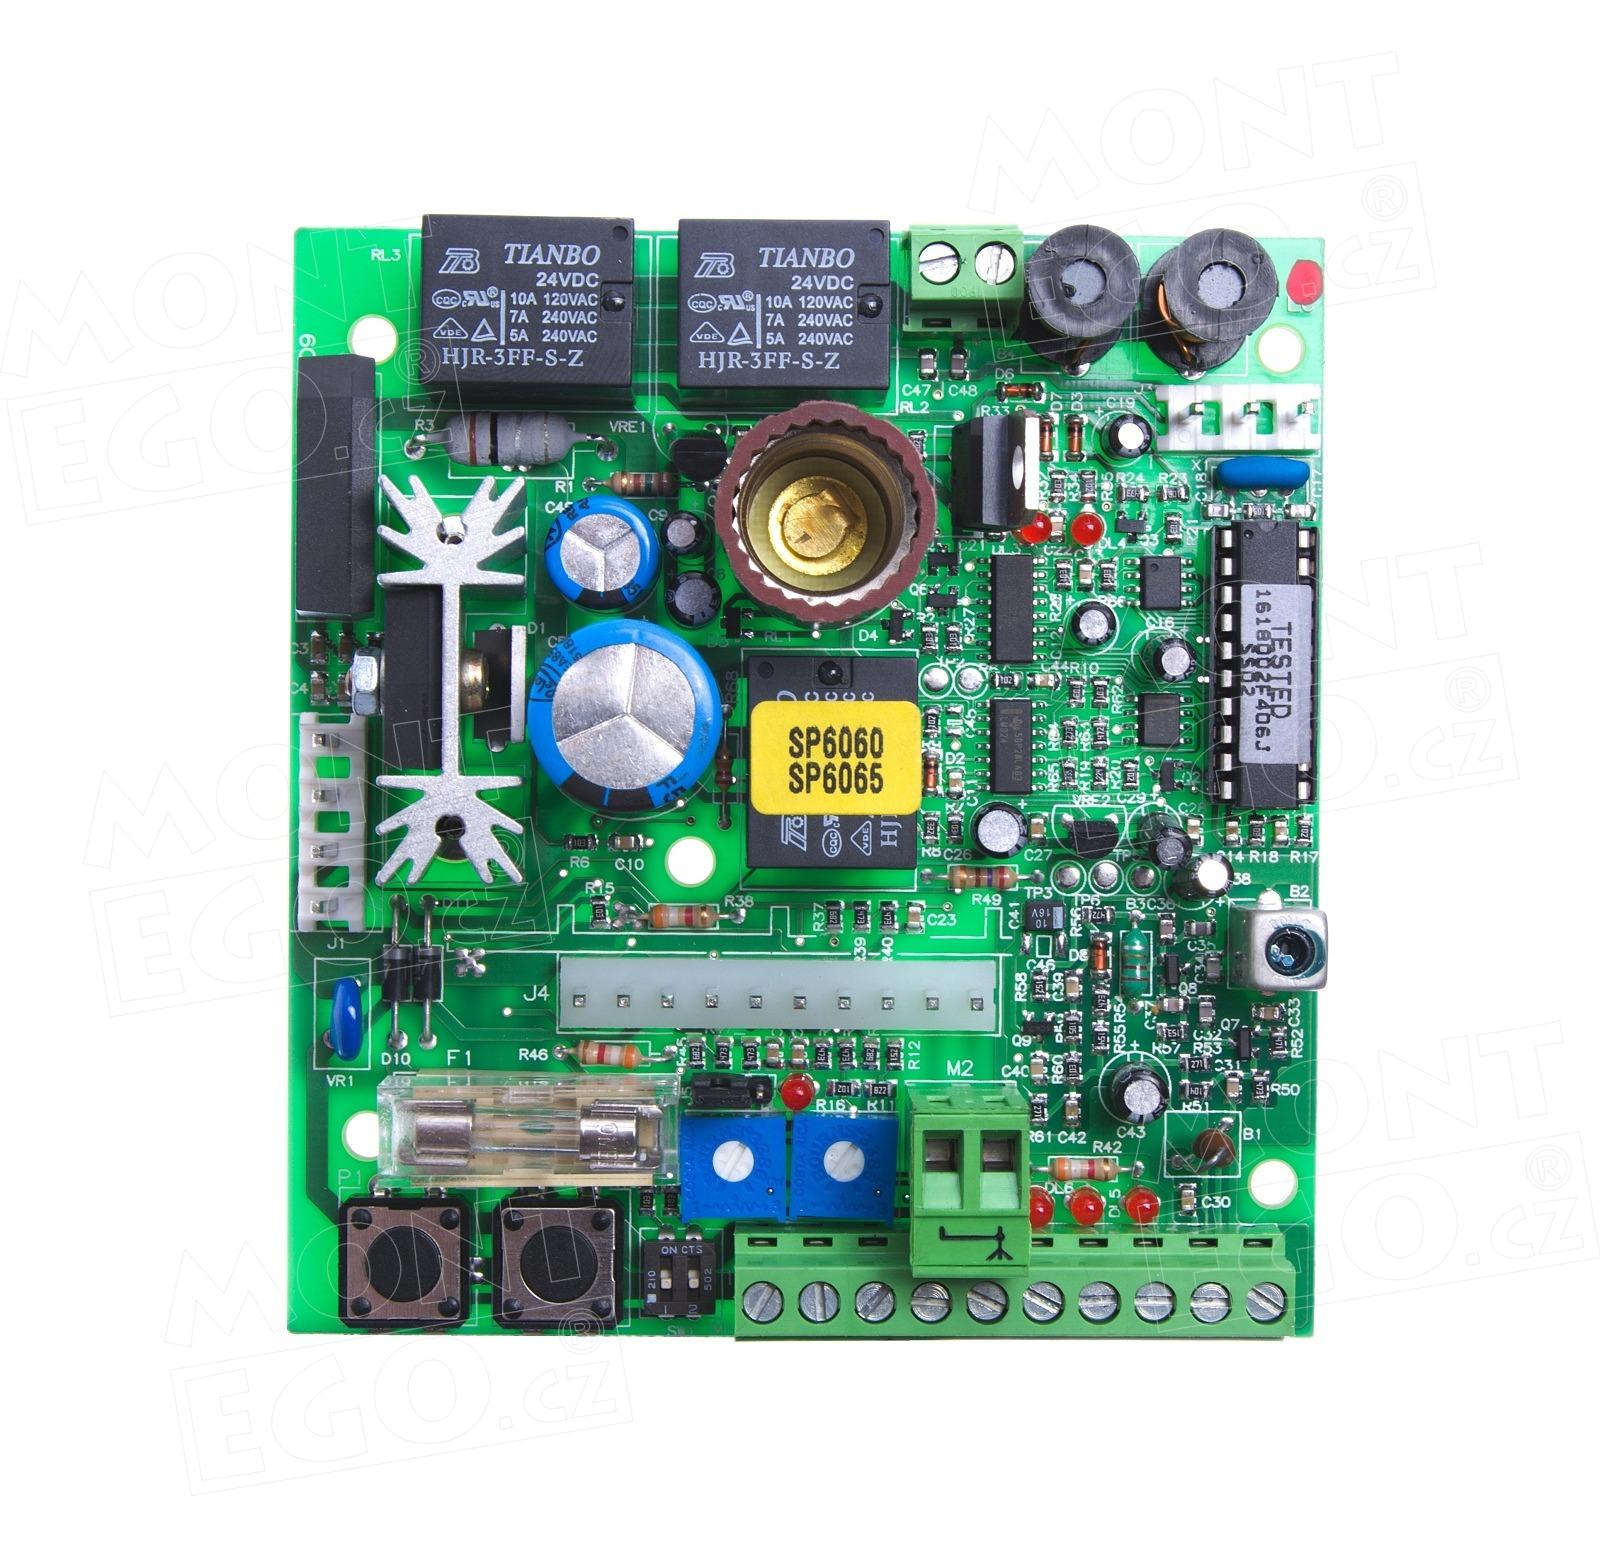 SPA20 řídící jednotka pohonu vrat Nice SPIDER 6060 i 6065